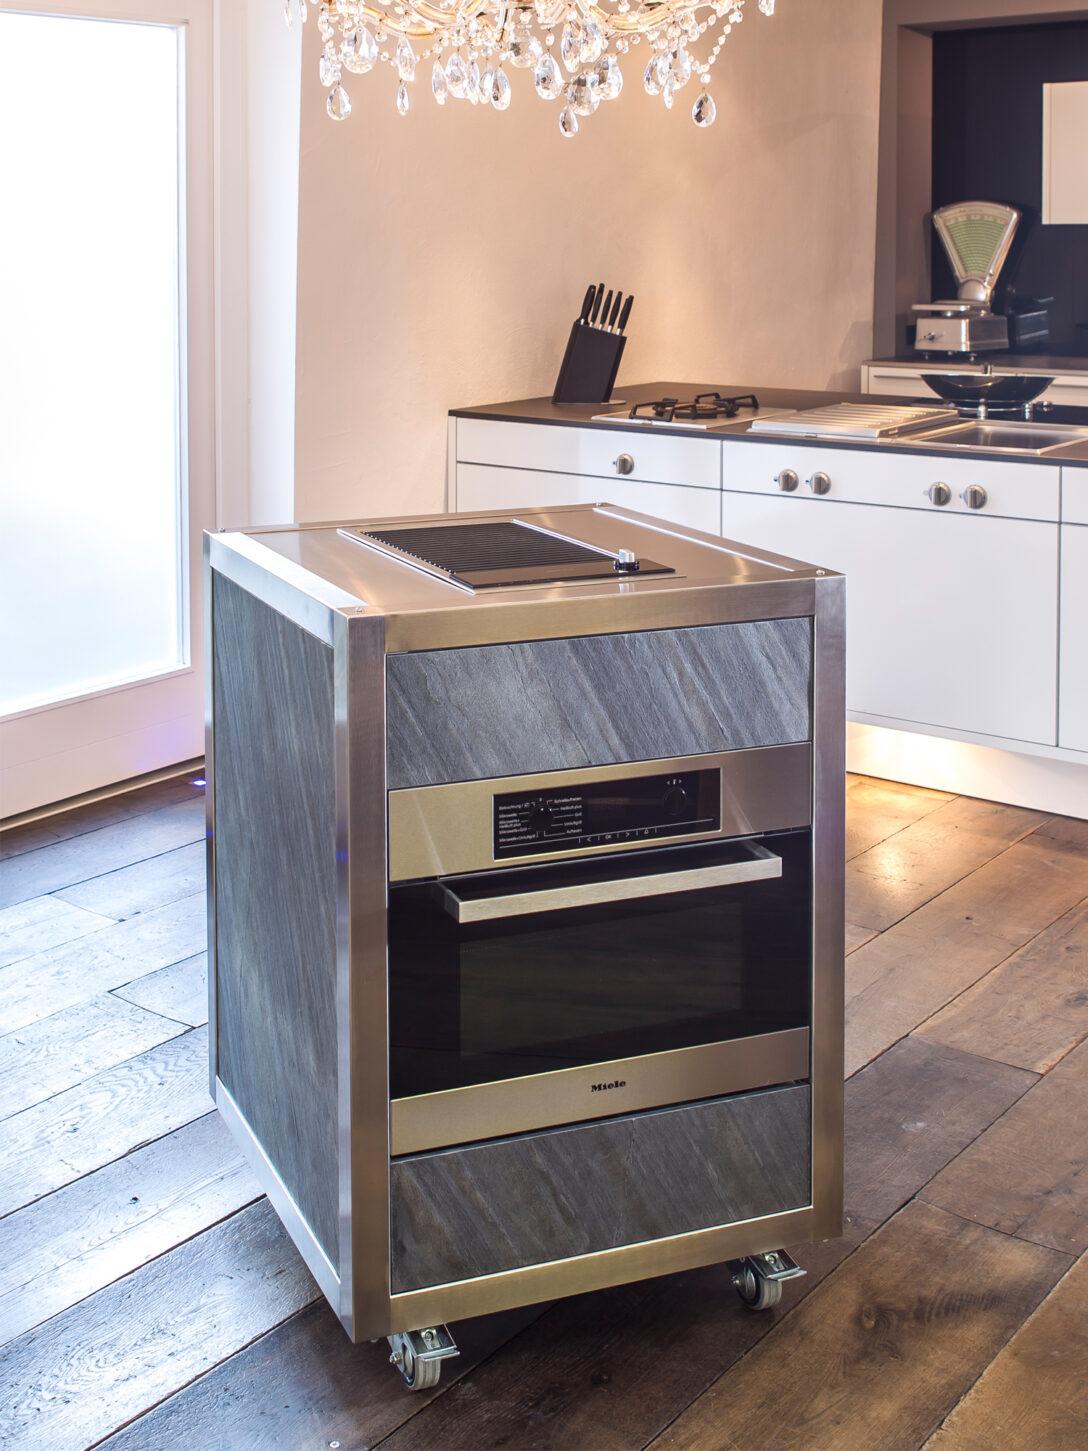 Large Size of Mobile Outdoorküche Kche Fr Designliebhaber Und Individualisten Neoculina Küche Wohnzimmer Mobile Outdoorküche